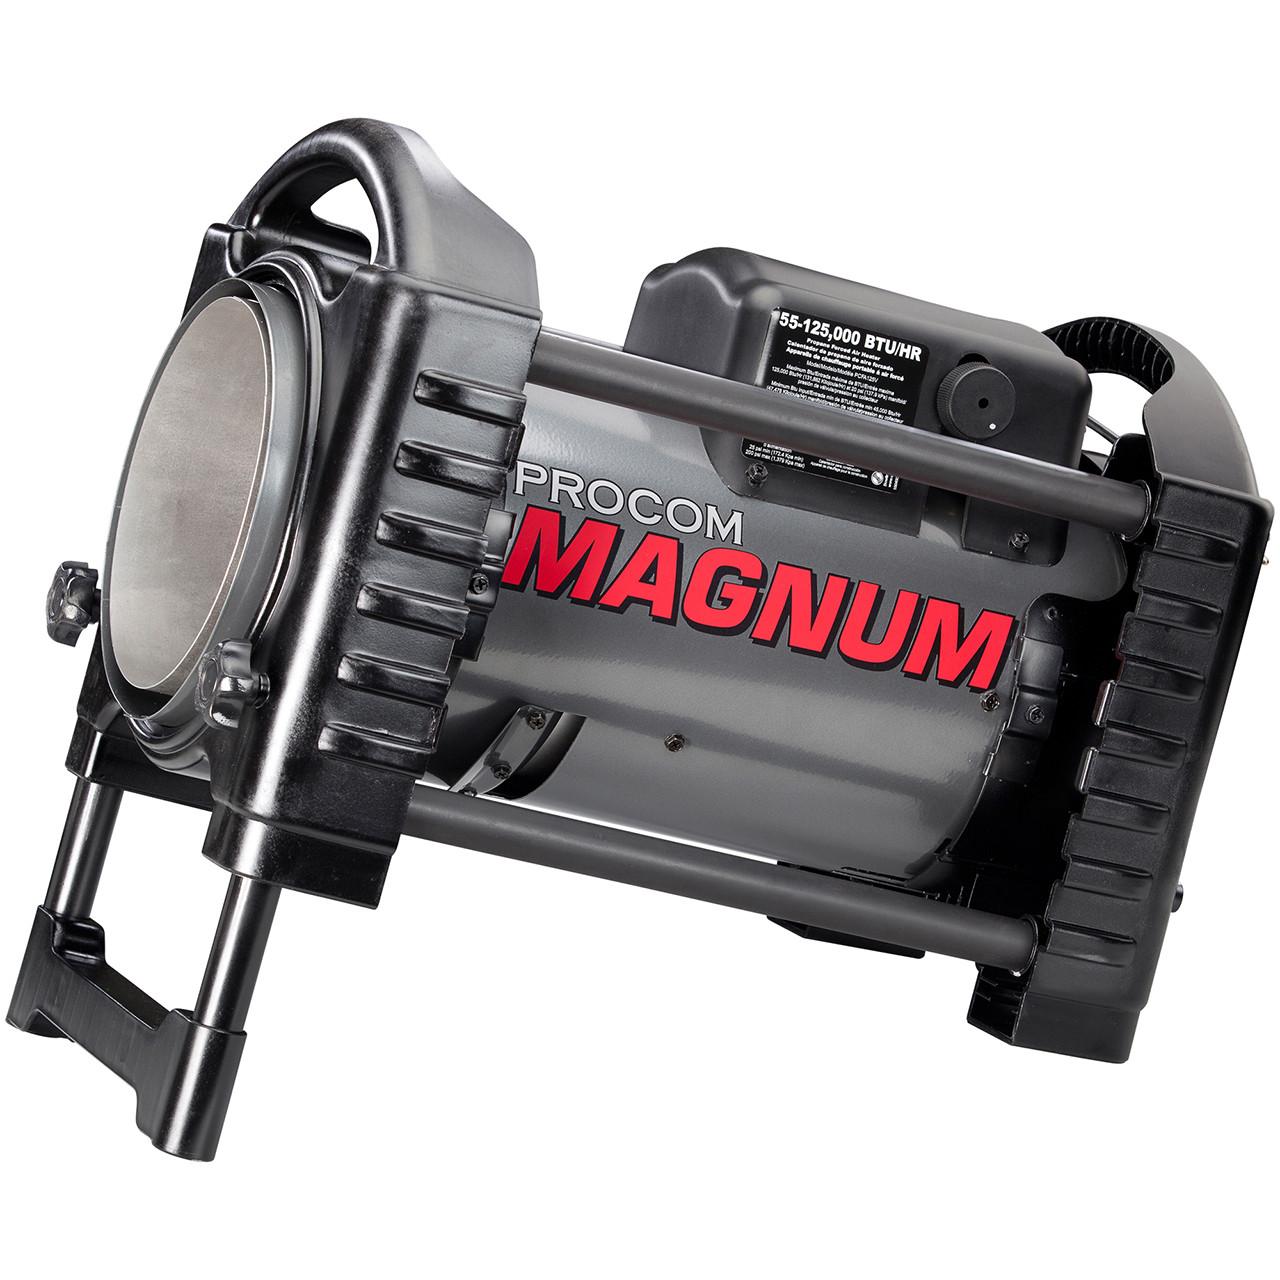 Forced Air Propane Heater >> Procom Magnum Forced Air Propane Heater 125 000 Btu Model